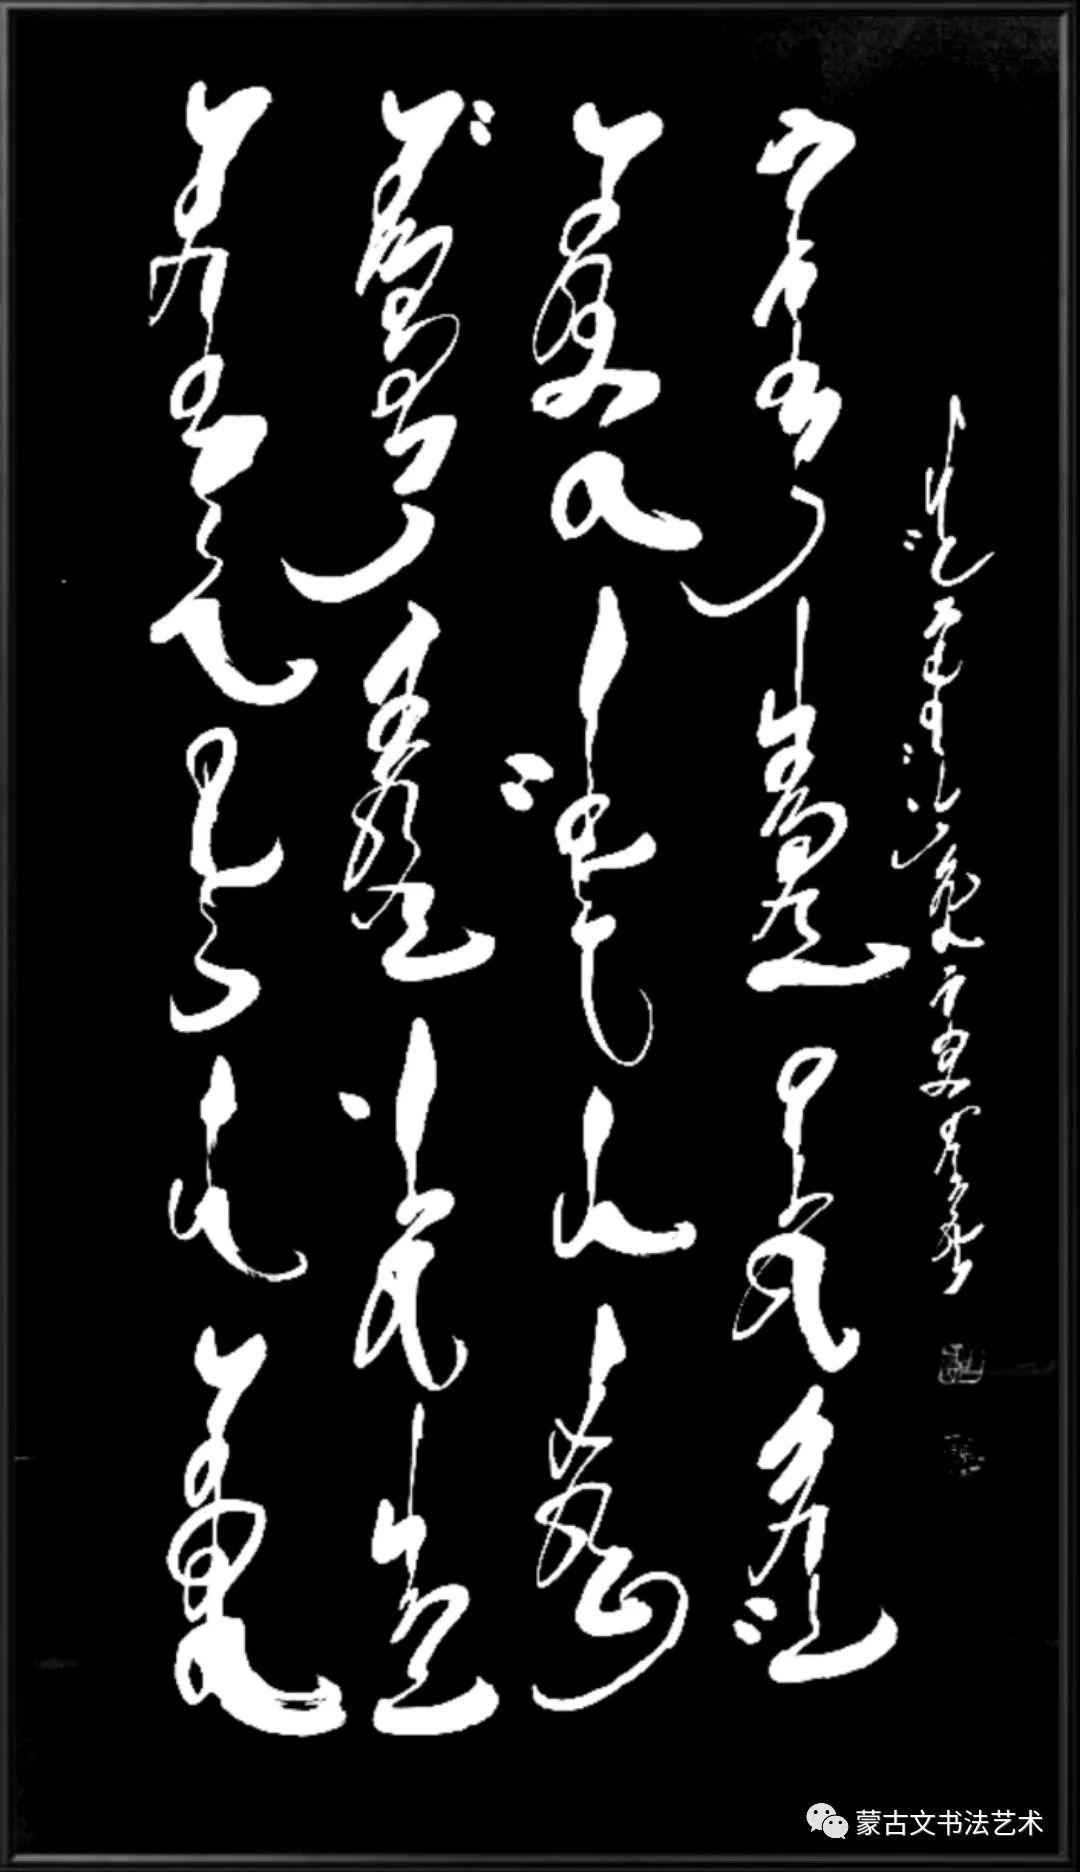 孟和达来蒙古文书法 第8张